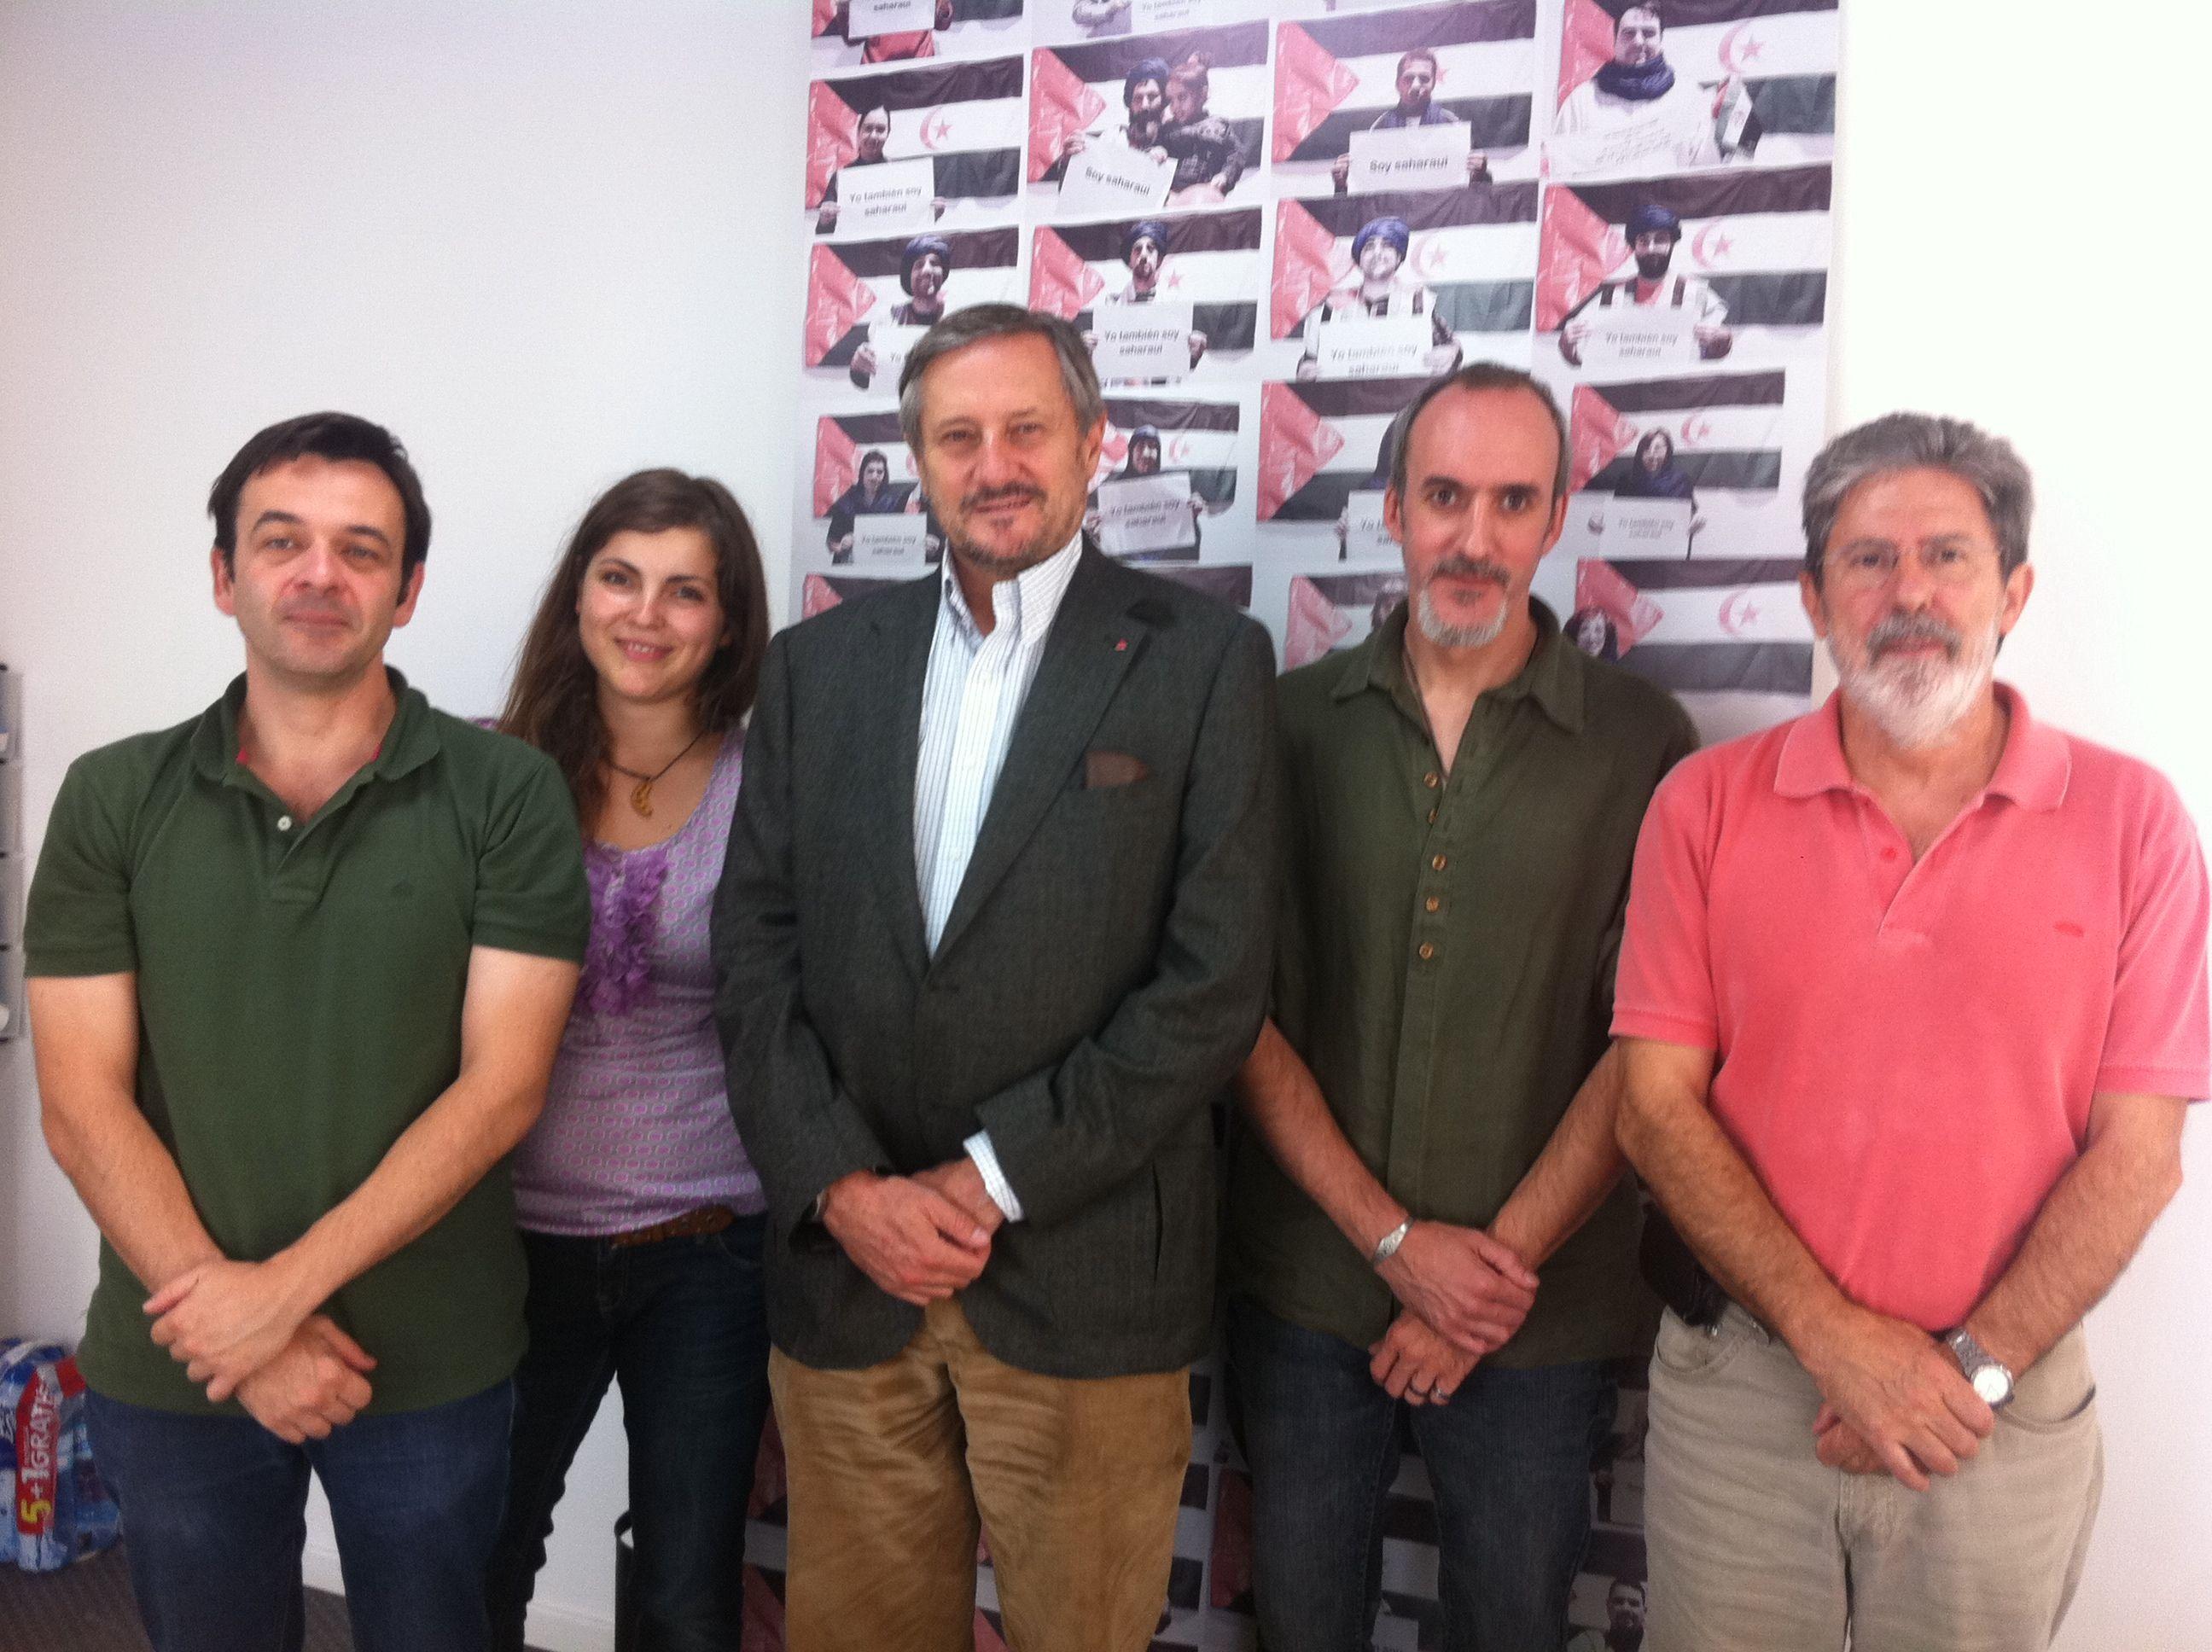 Asociaciones de solidaridad con el Pueblo Saharaui se reúnen con el eurodiputado Willy Meyer